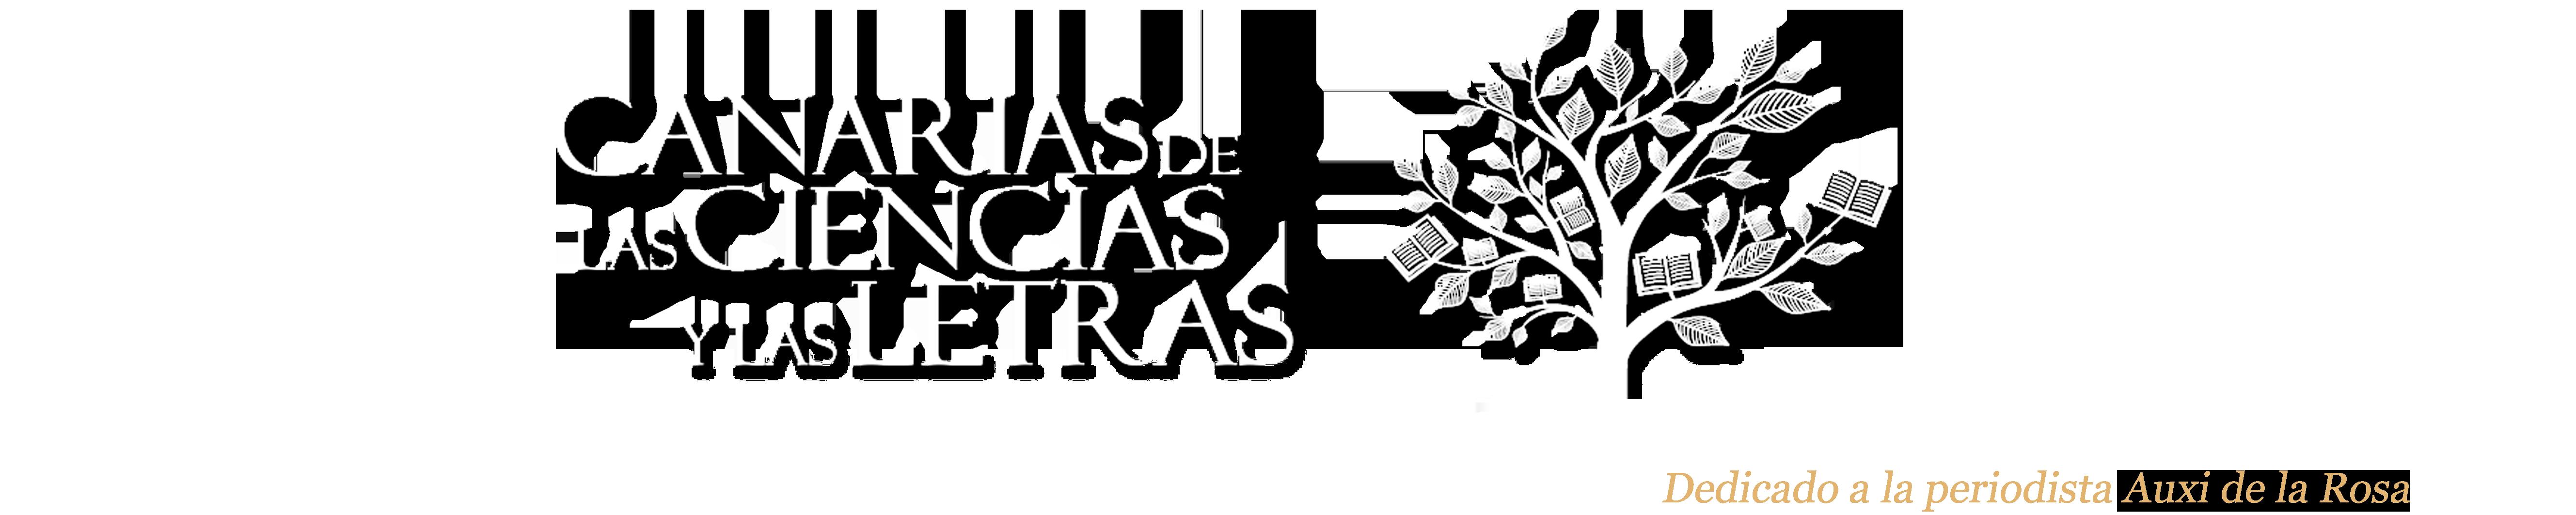 Canarias de las ciencias y las letras